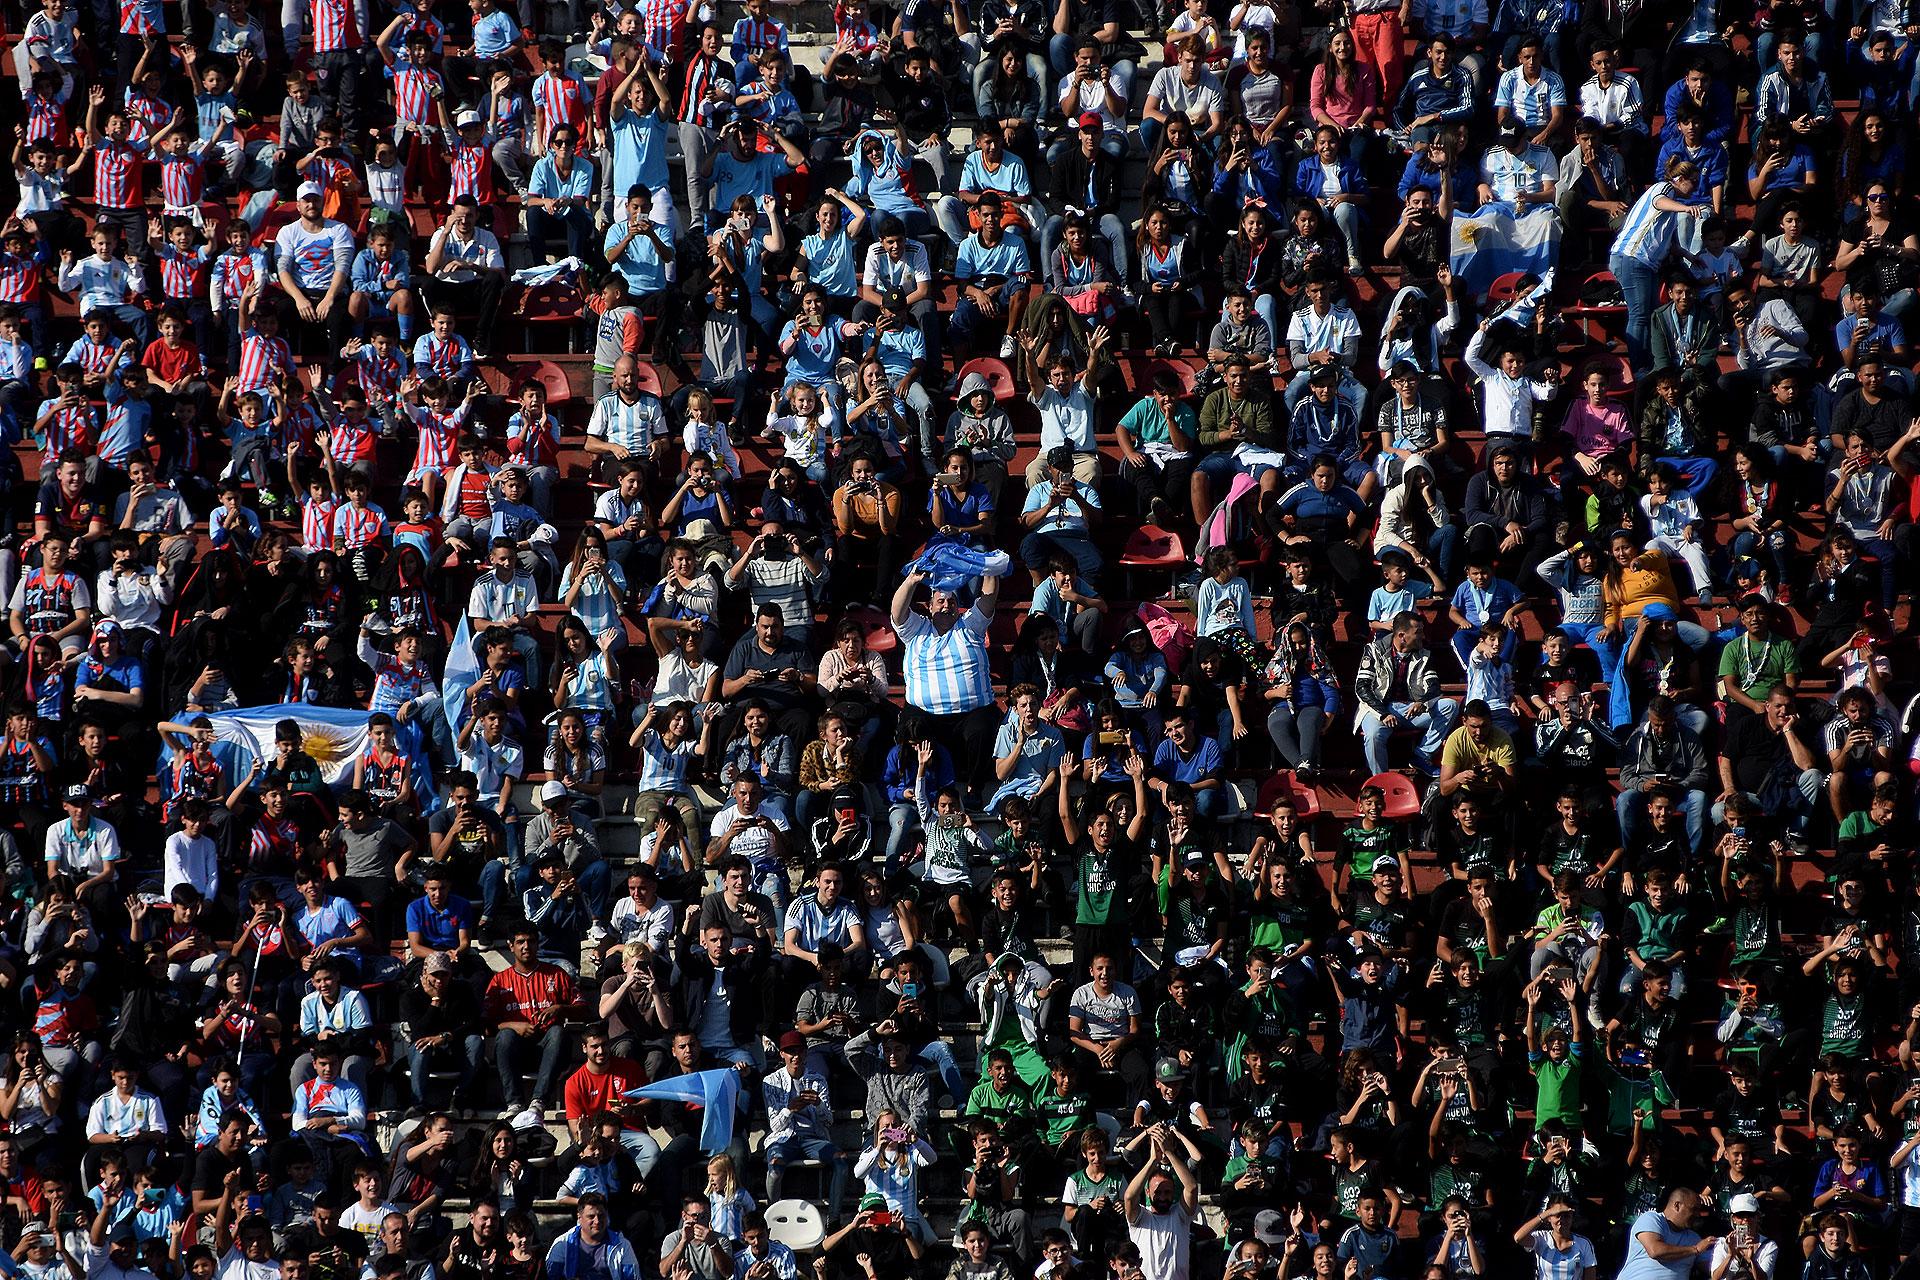 """Más de veinte mil personas asistieron a una cita única antes de que el equipo de Jorge Sampaoli vaya a disputar el Mundial de Rusia.Despidieron a los jugadores con la canción que cierra """"que lo llevan adentro, como lo llevo yo"""""""